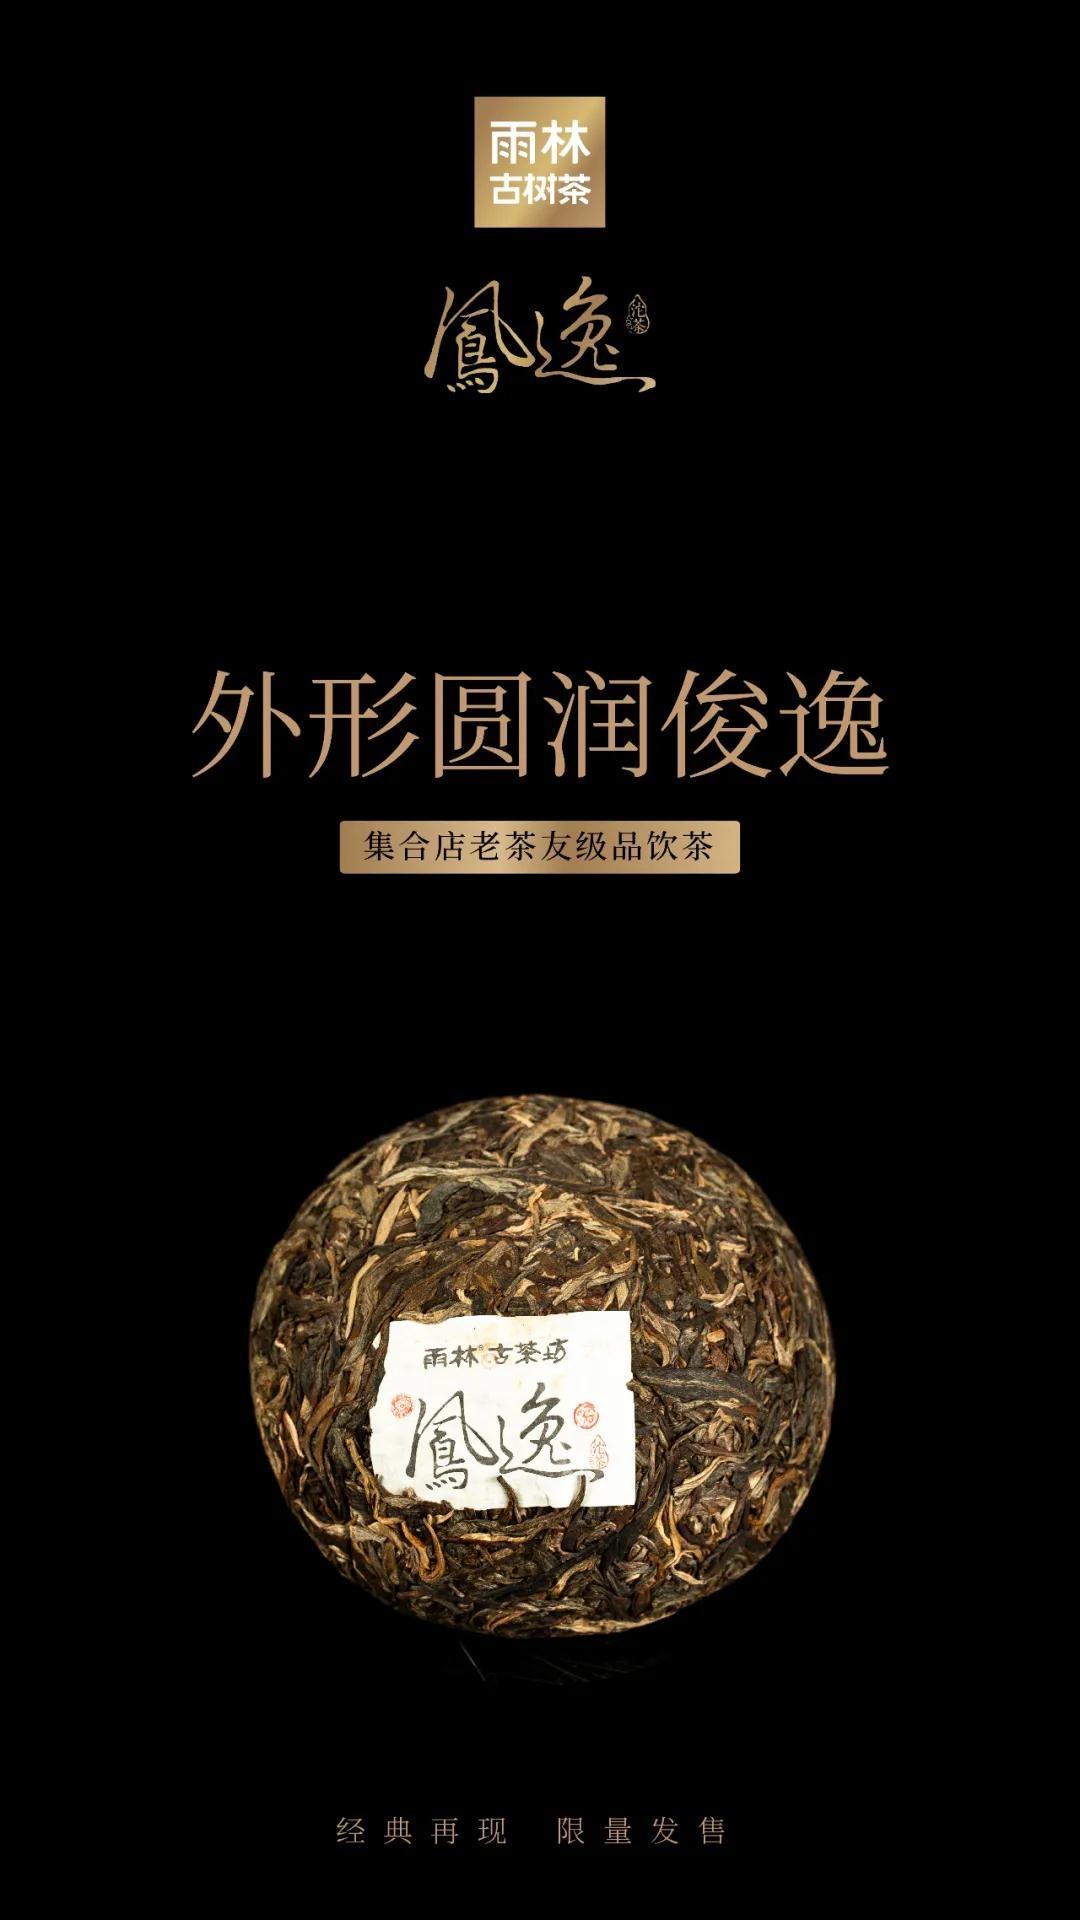 凤逸沱茶3.jpg